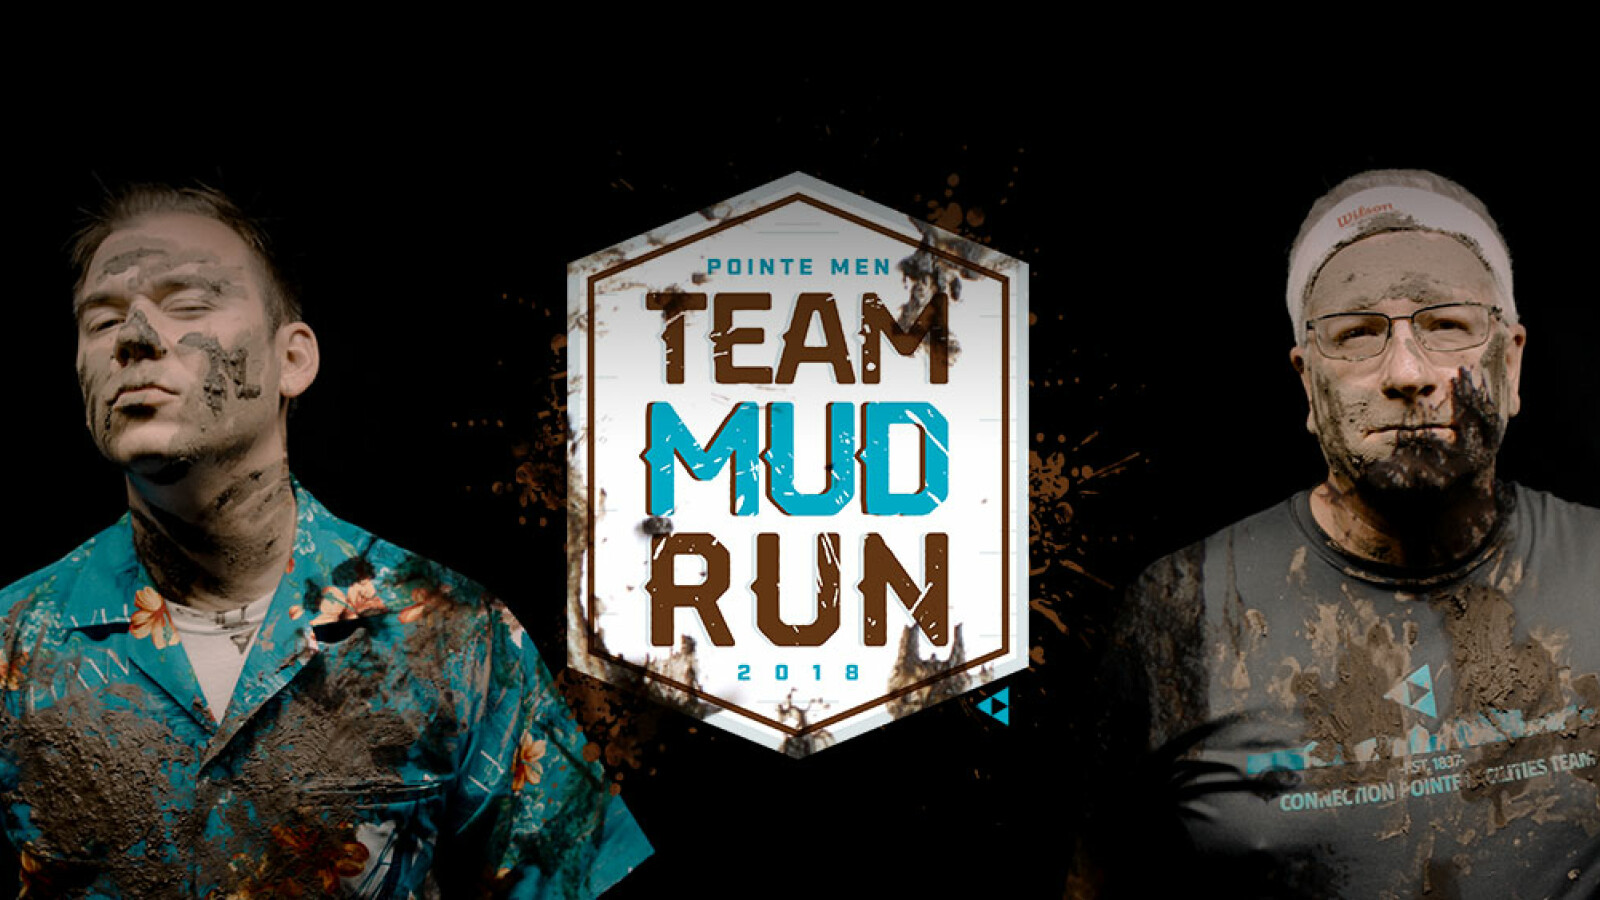 Pointe Men Team Mud Run